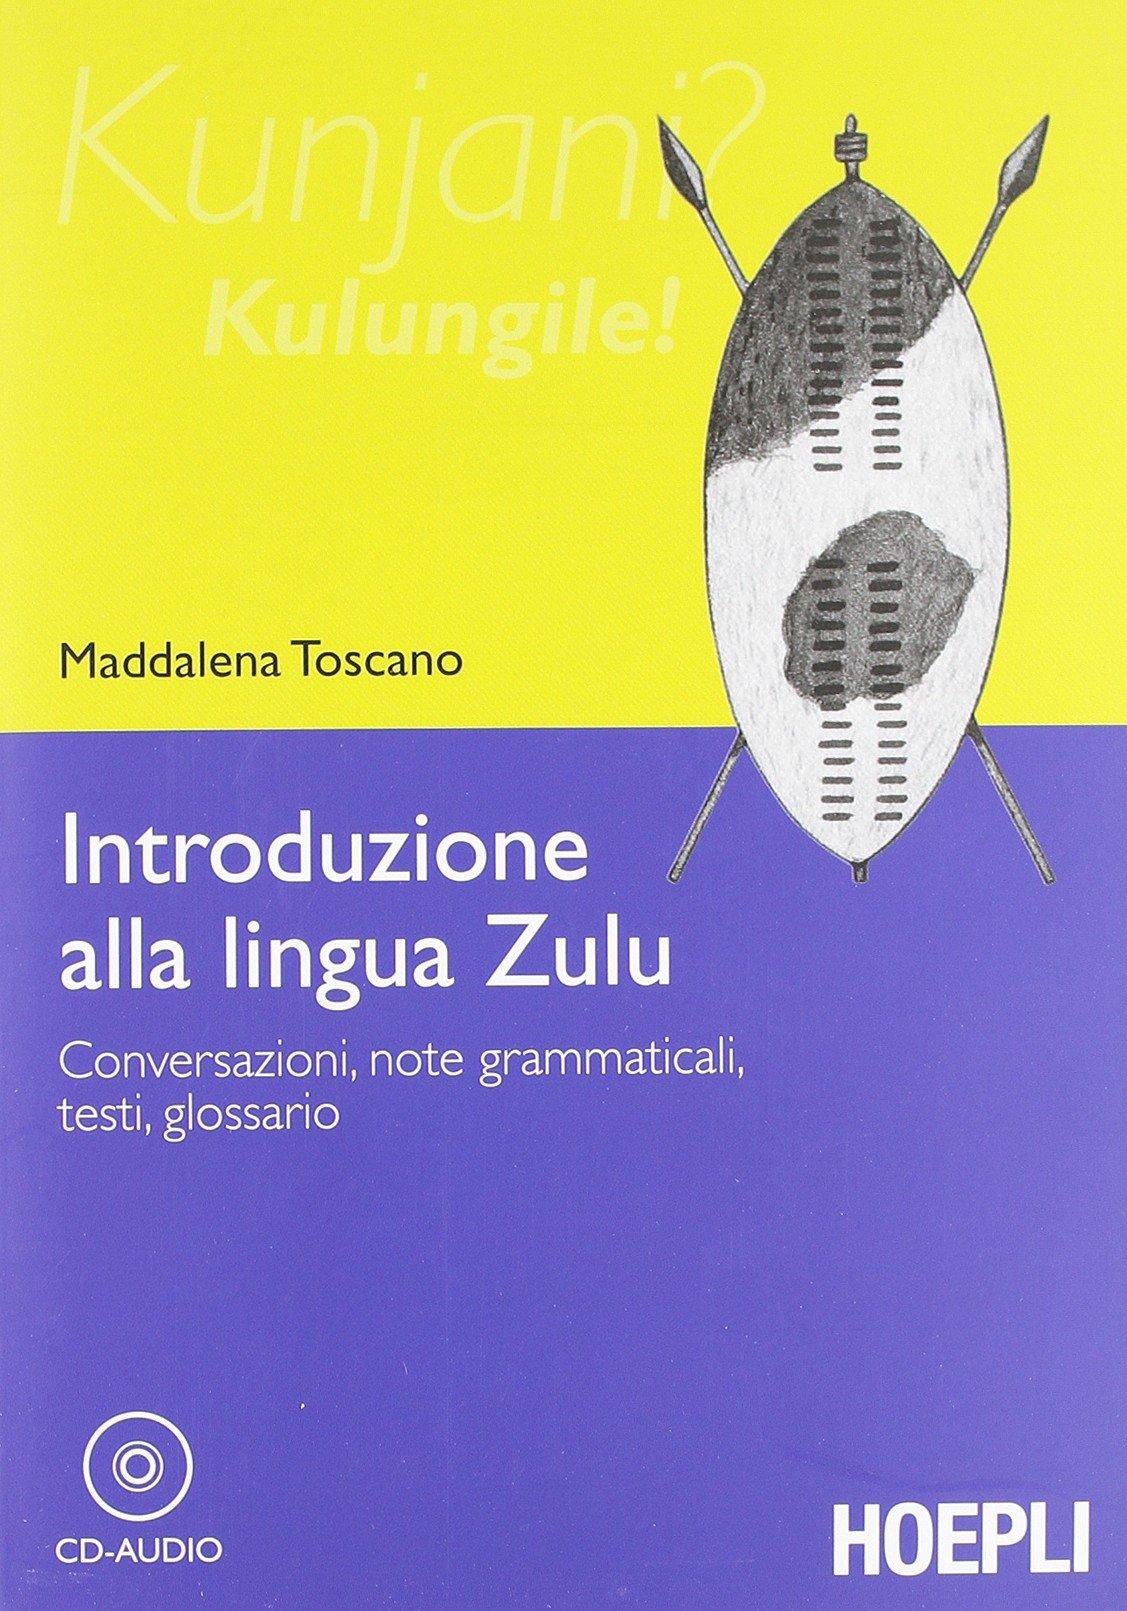 Introduzione alla lingua zulu